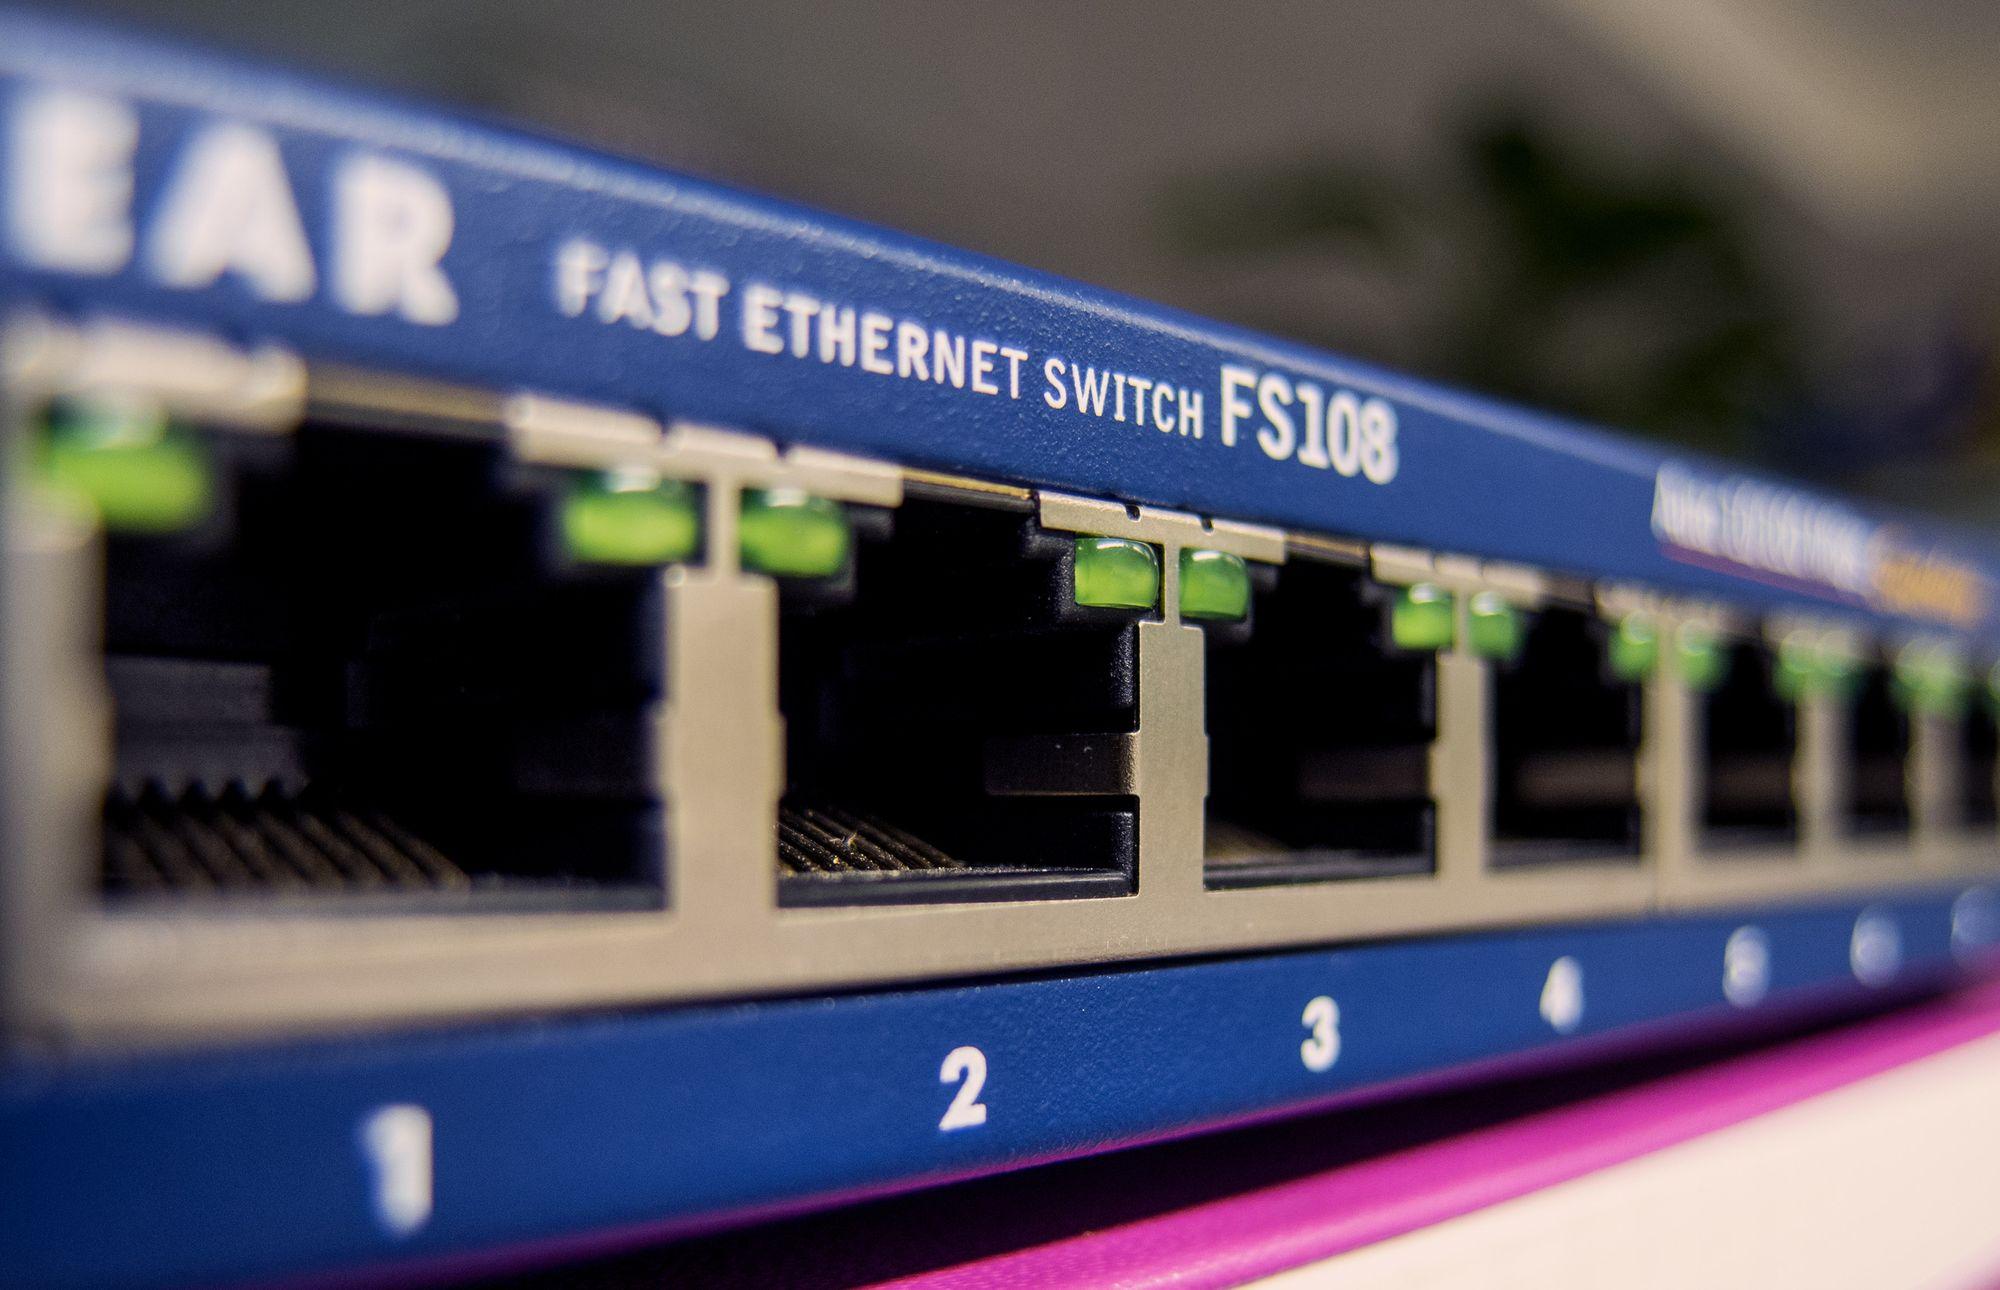 [052] 老鼠與網路